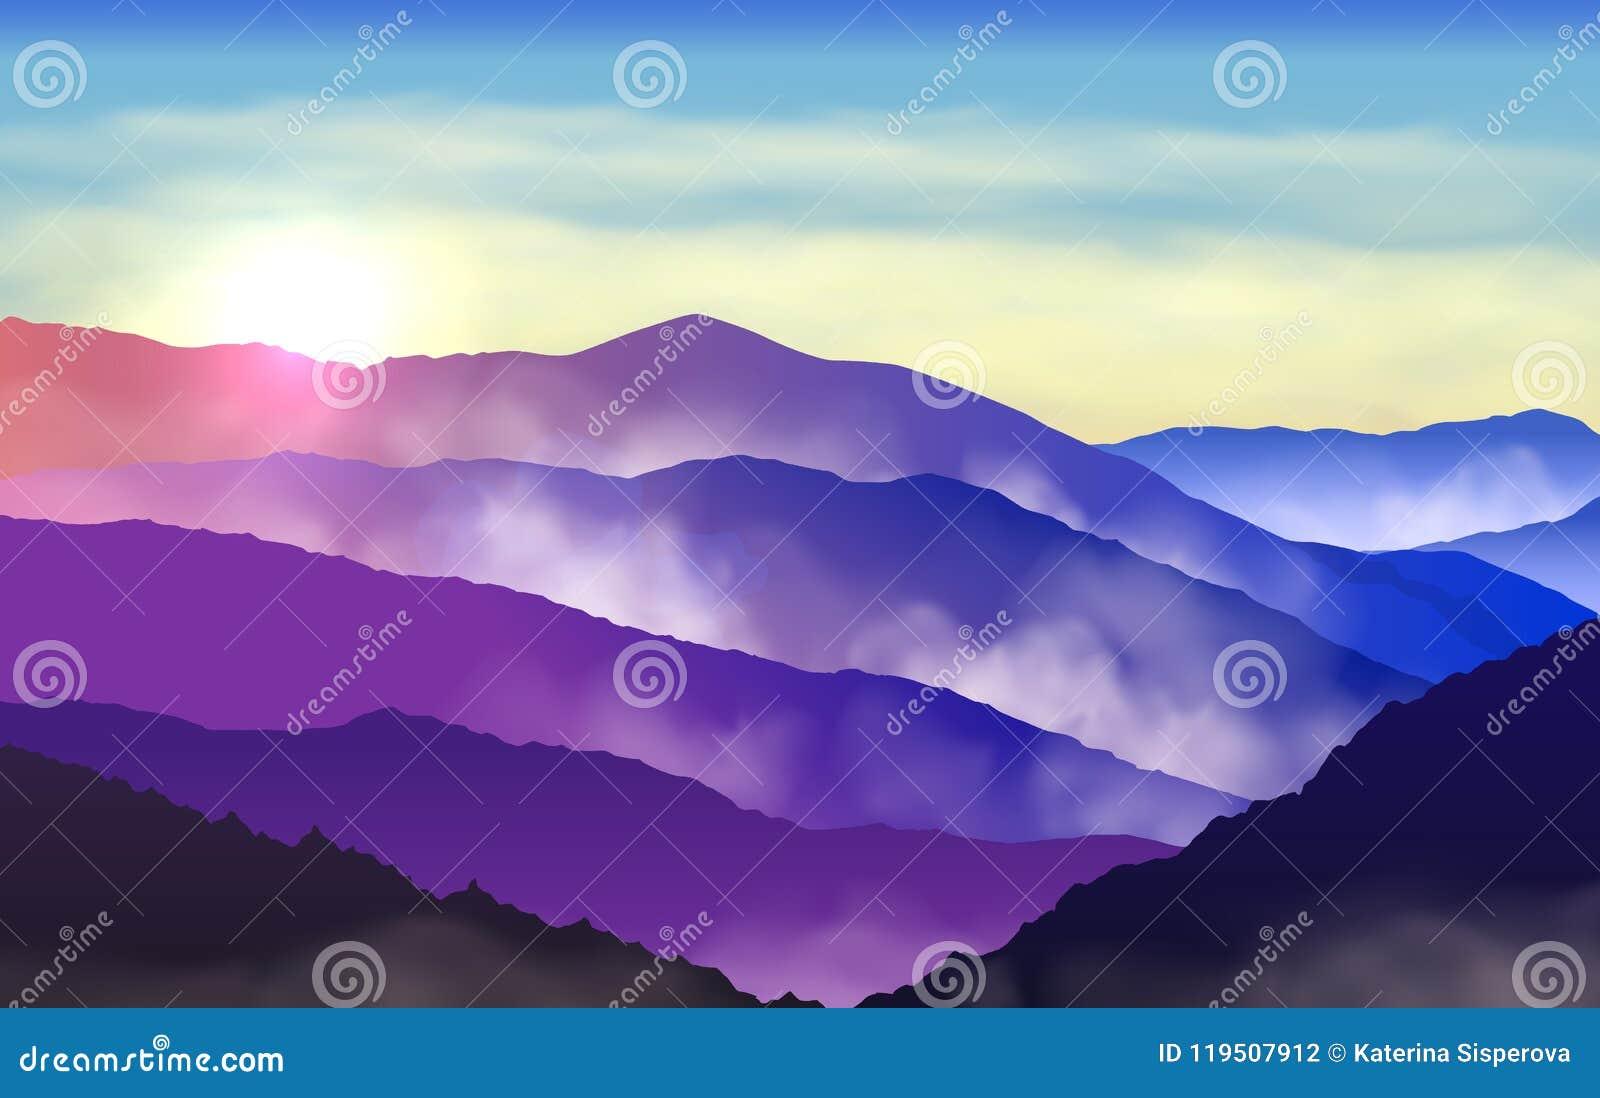 导航迷雾山脉美丽的五颜六色的剪影与su的